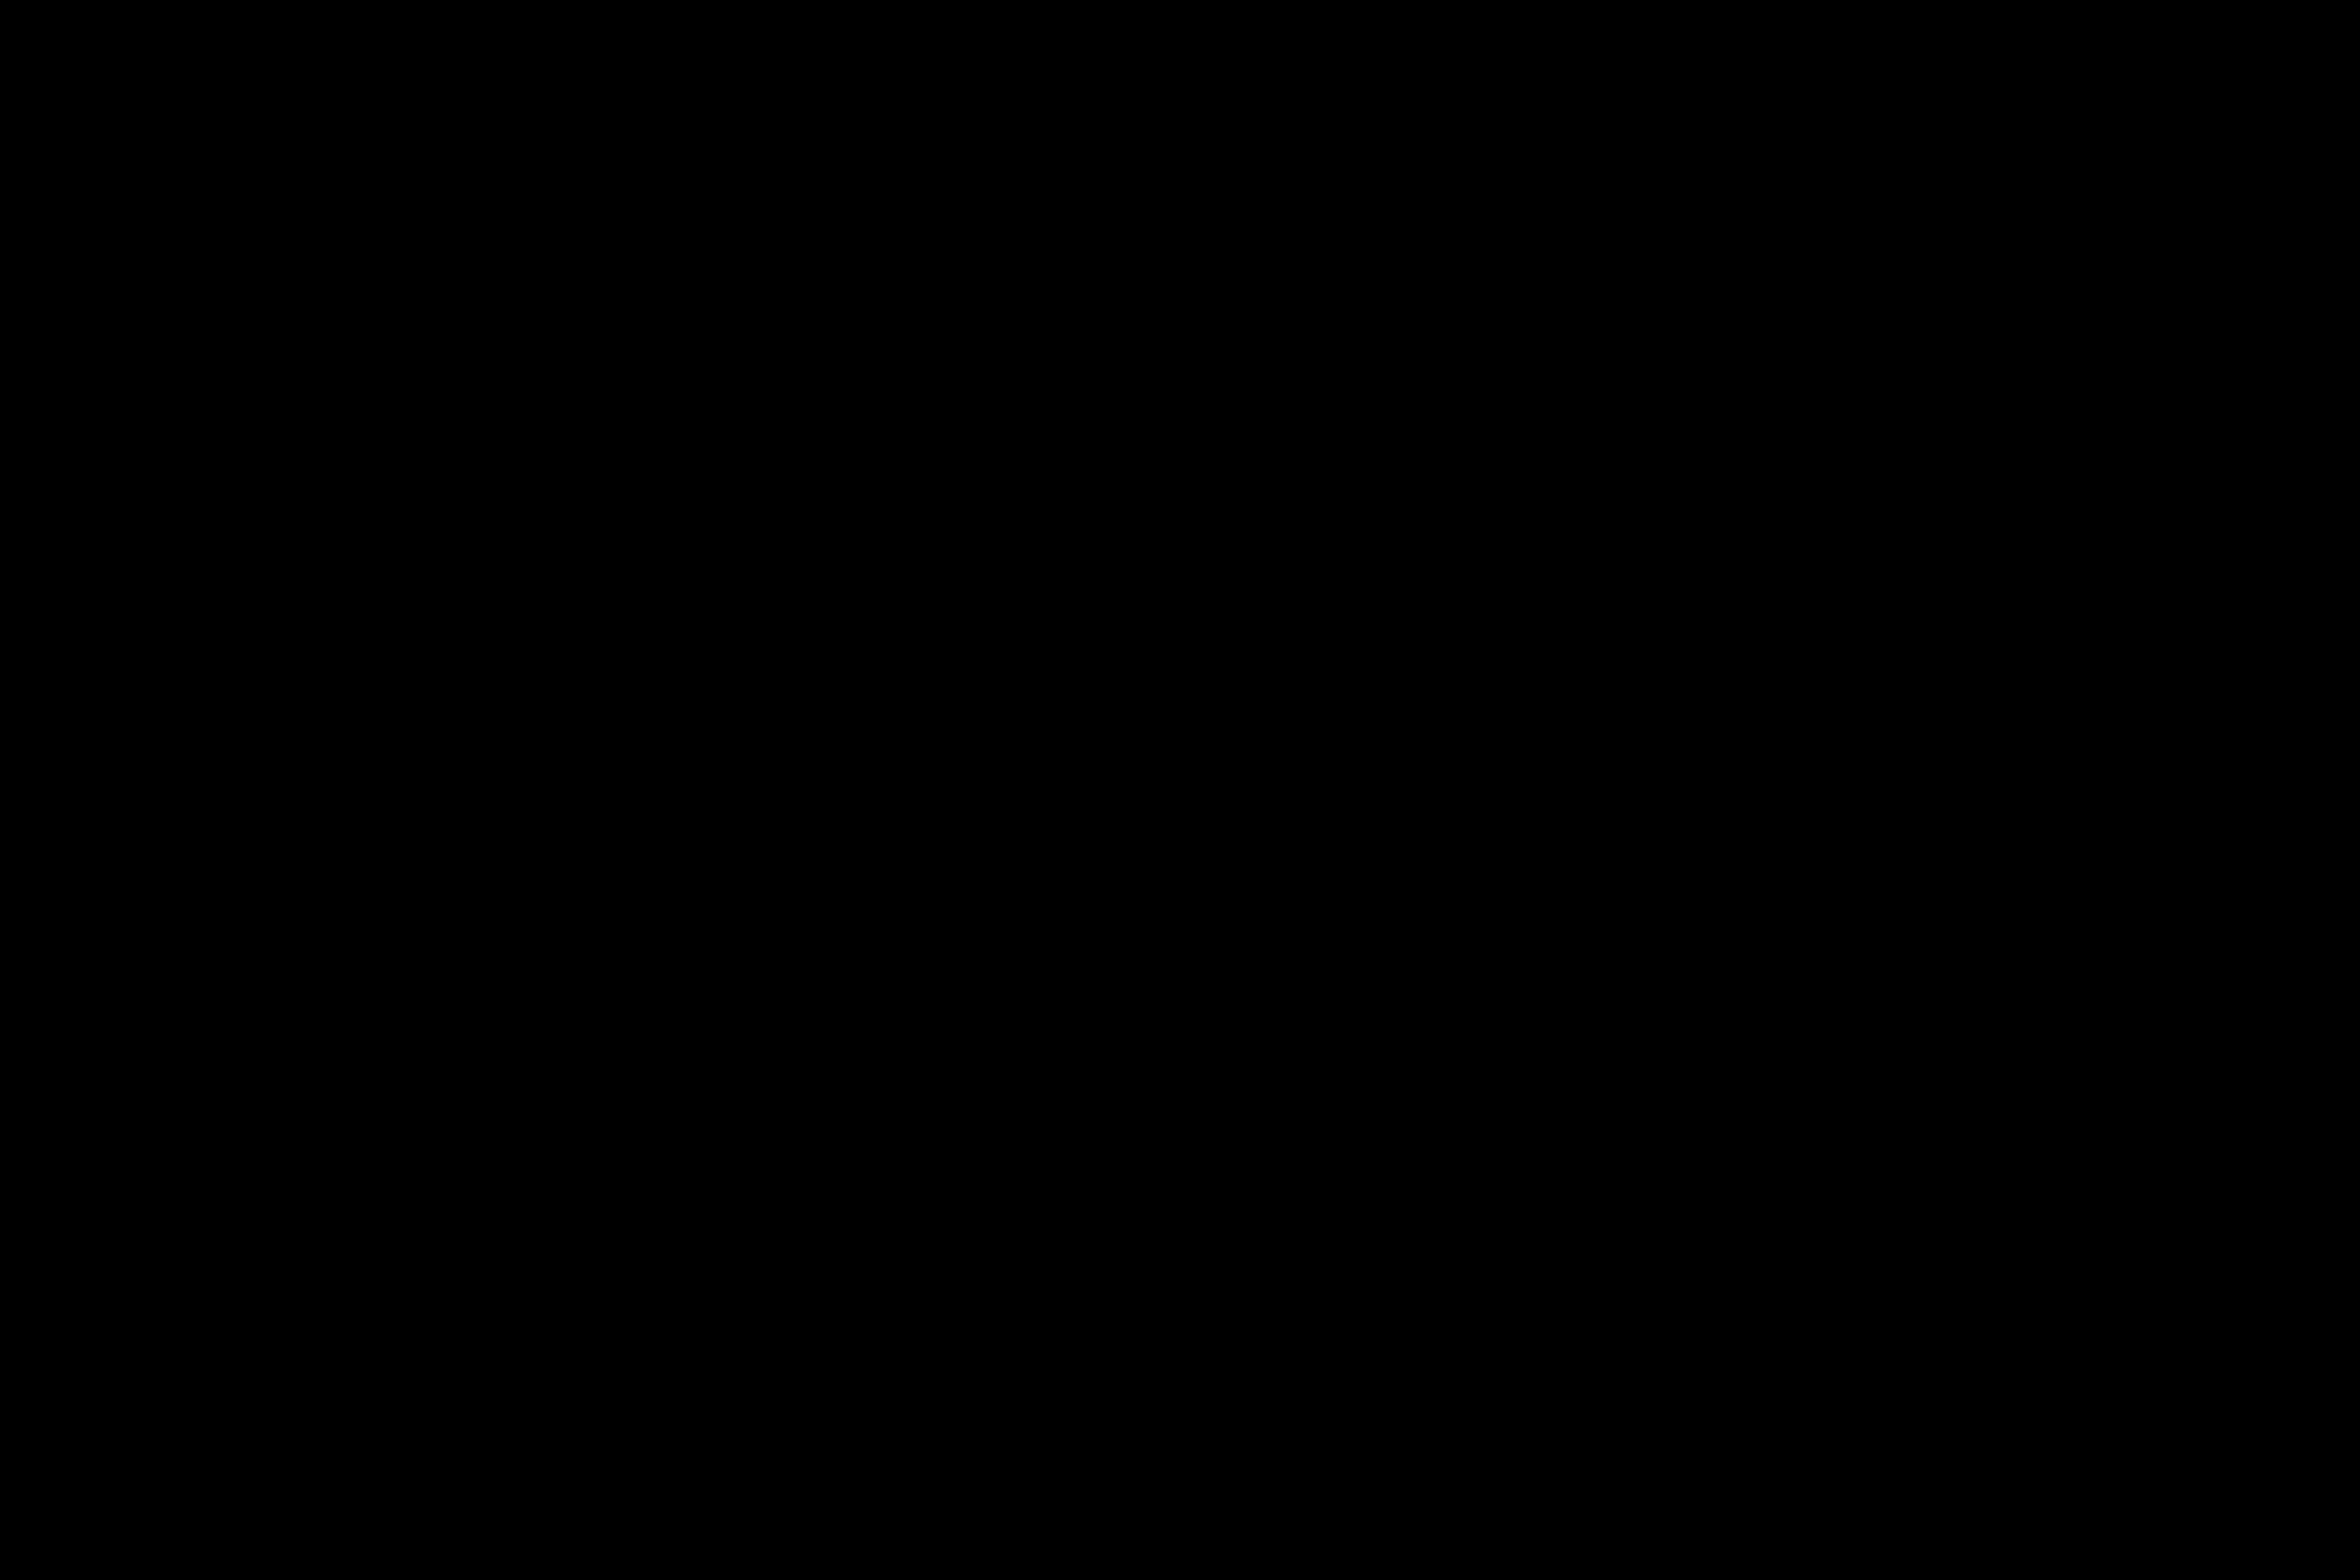 V177 Mercedes-Benz A-Class Sedan finally unveiled Image #842890